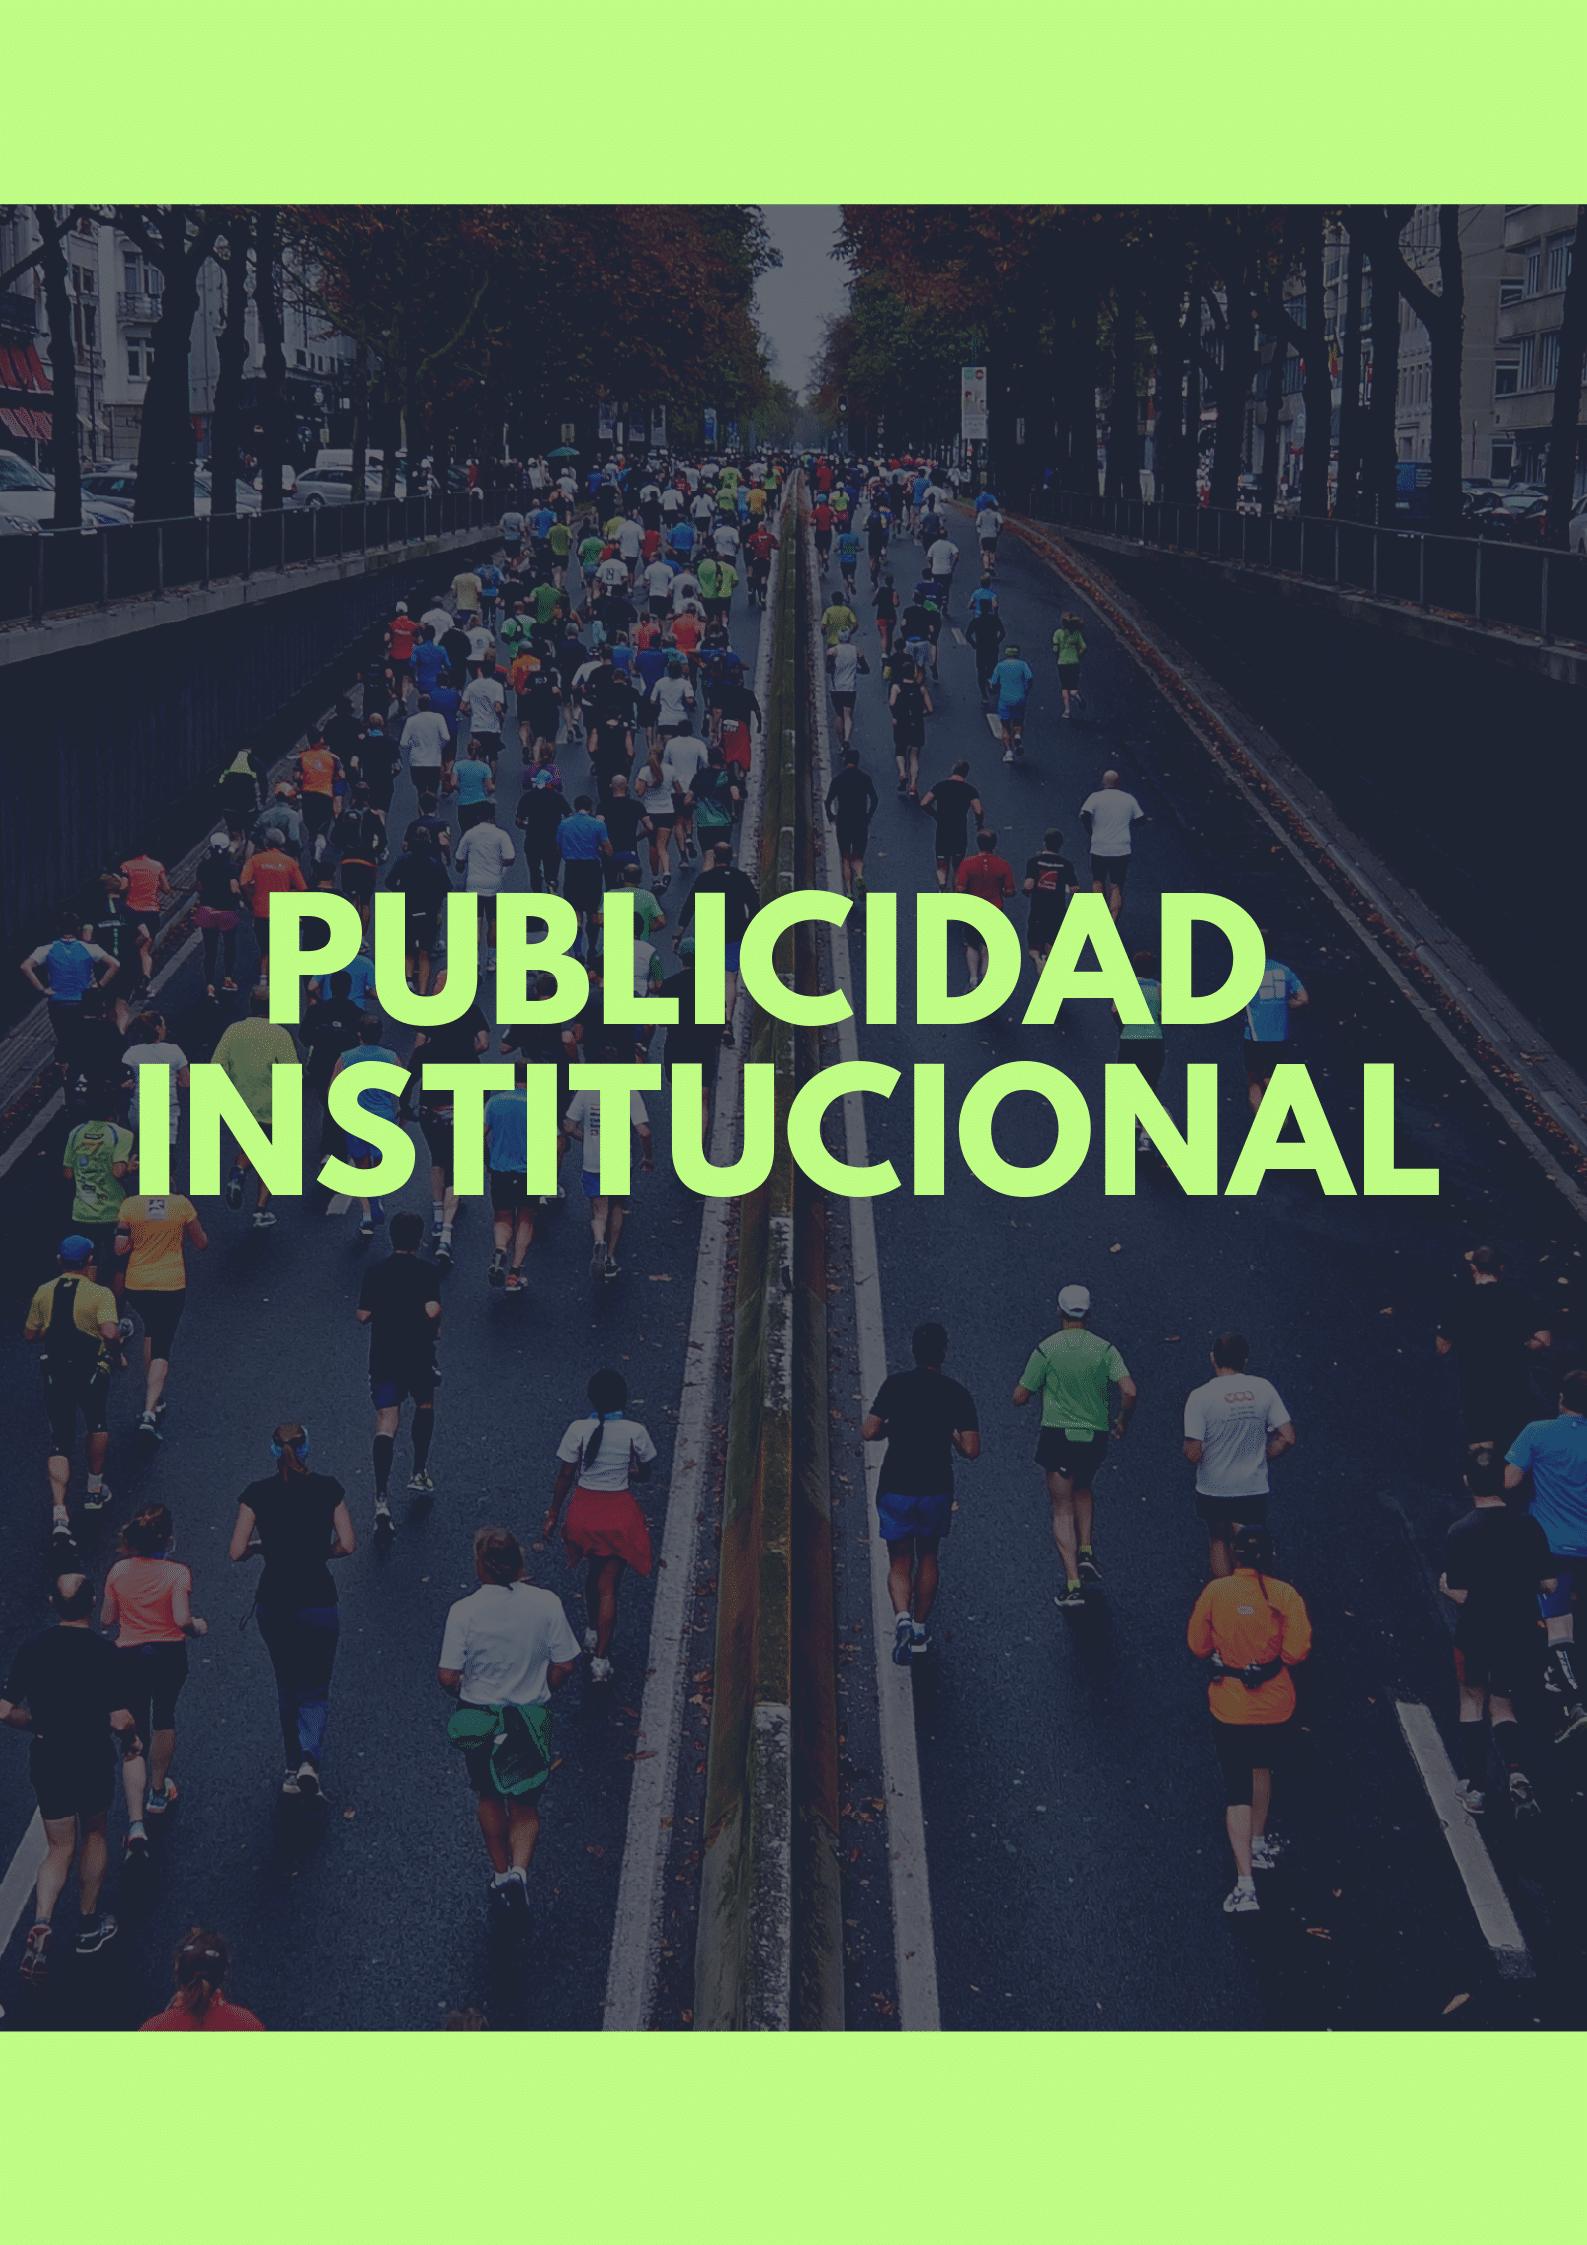 publicidad-institucional